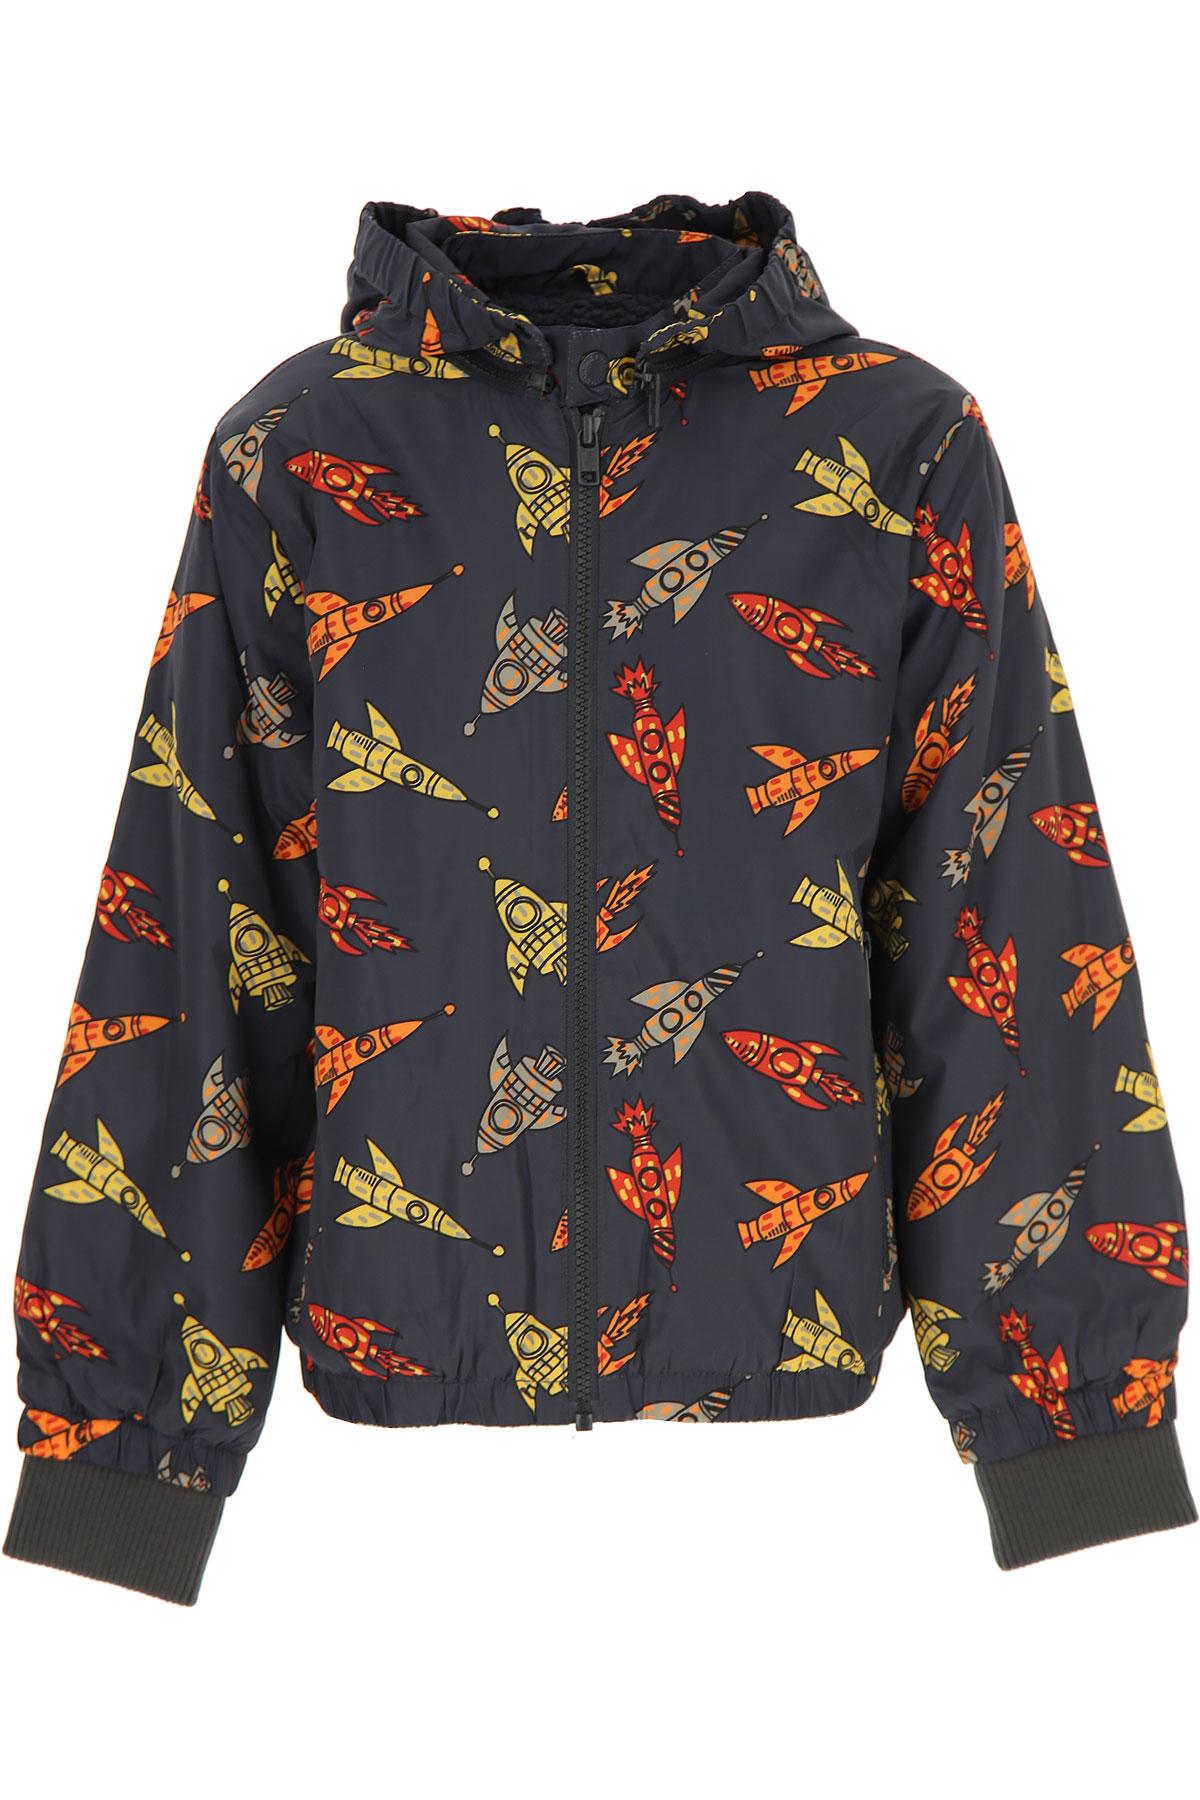 Stella McCartney Boys Down Jacket for Kids, Puffer Ski Jacket On Sale, Grey, polyester, 2019, 10Y 12Y 14Y 2Y 3Y 5Y 6Y 8Y